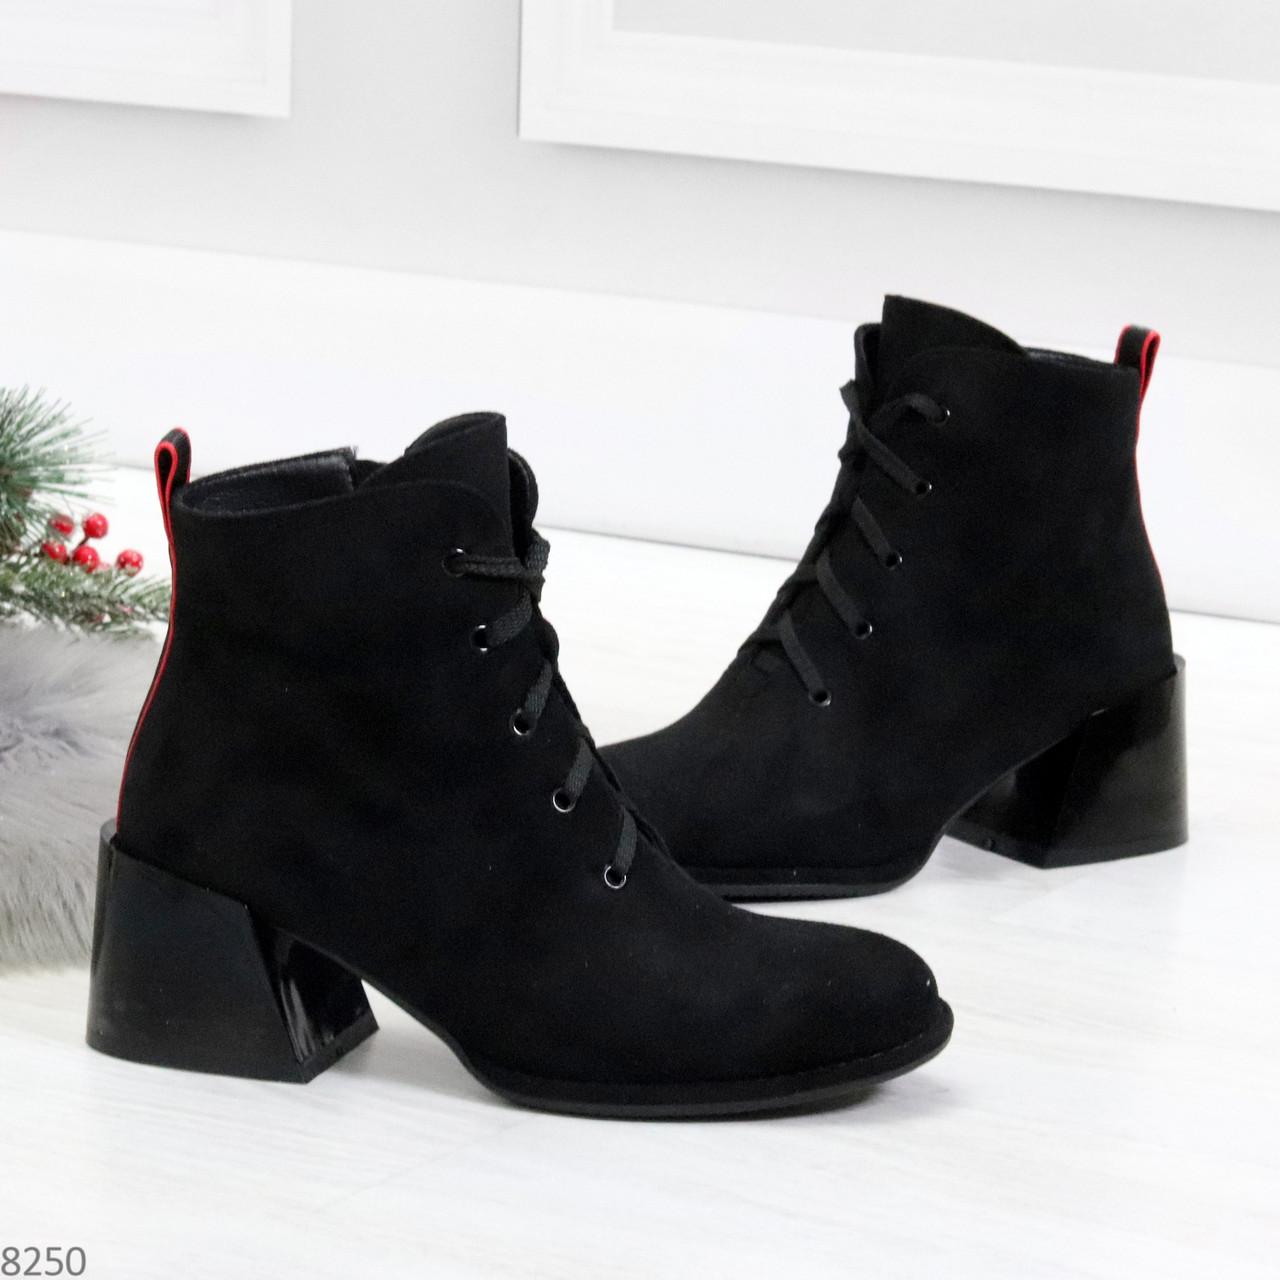 Дизайнерские замшевые черные ботинки ботильоны на удобном каблуке 37-24см